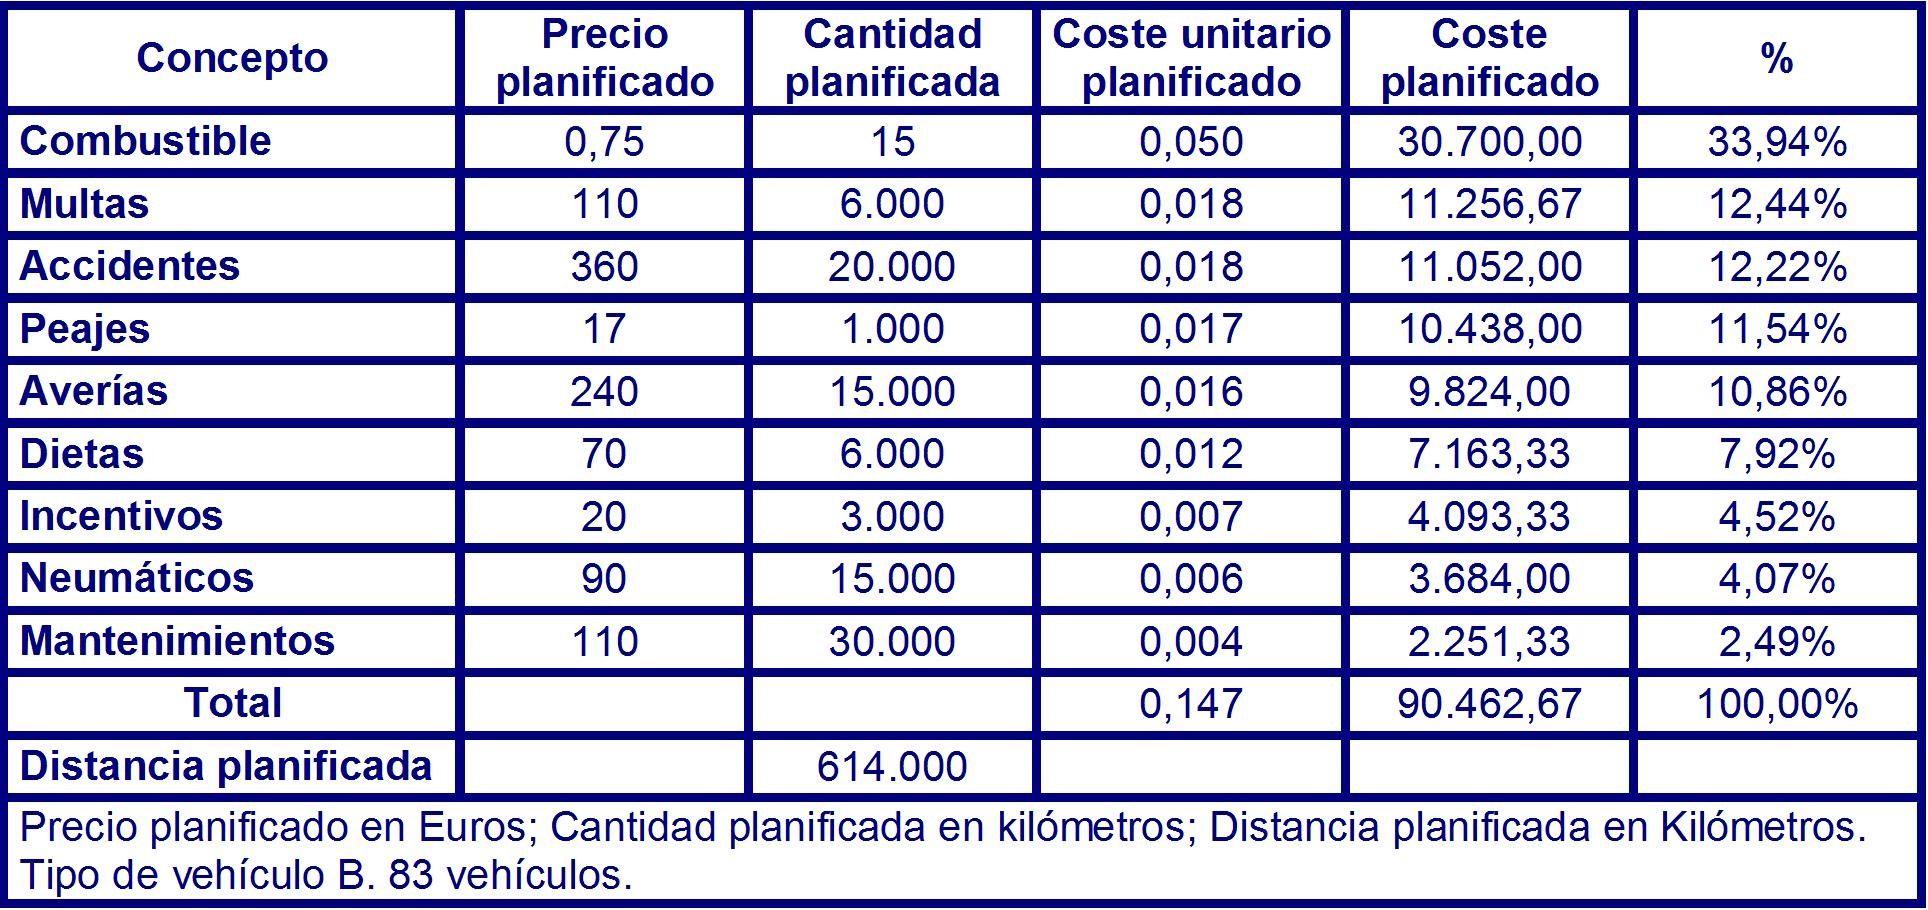 Tabla 76 costes planificados para el vehículo del tipo B en el instante T3.